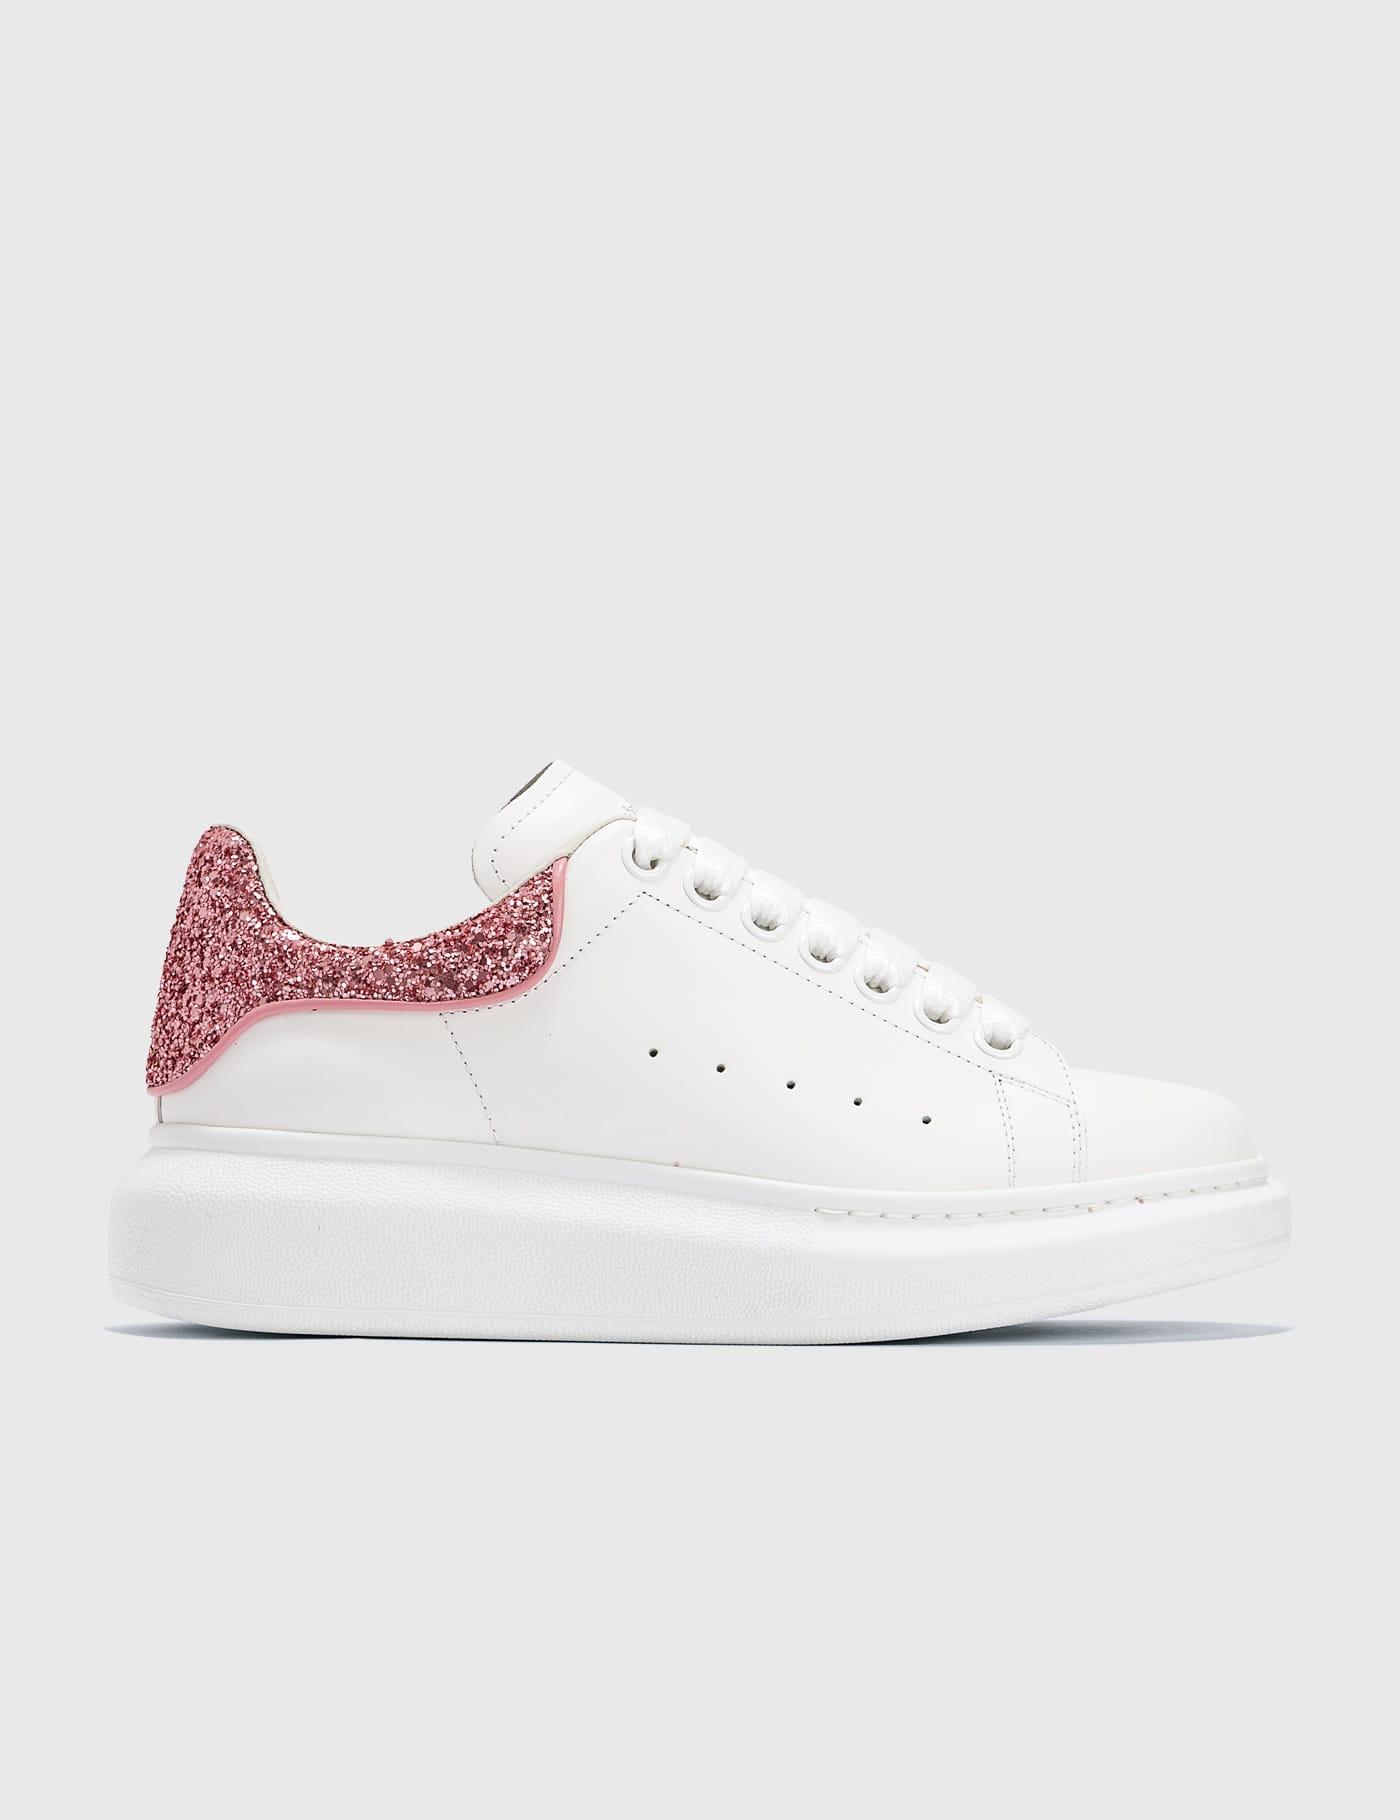 알렉산더 맥퀸 Alexander McQueen Oversized Sneaker